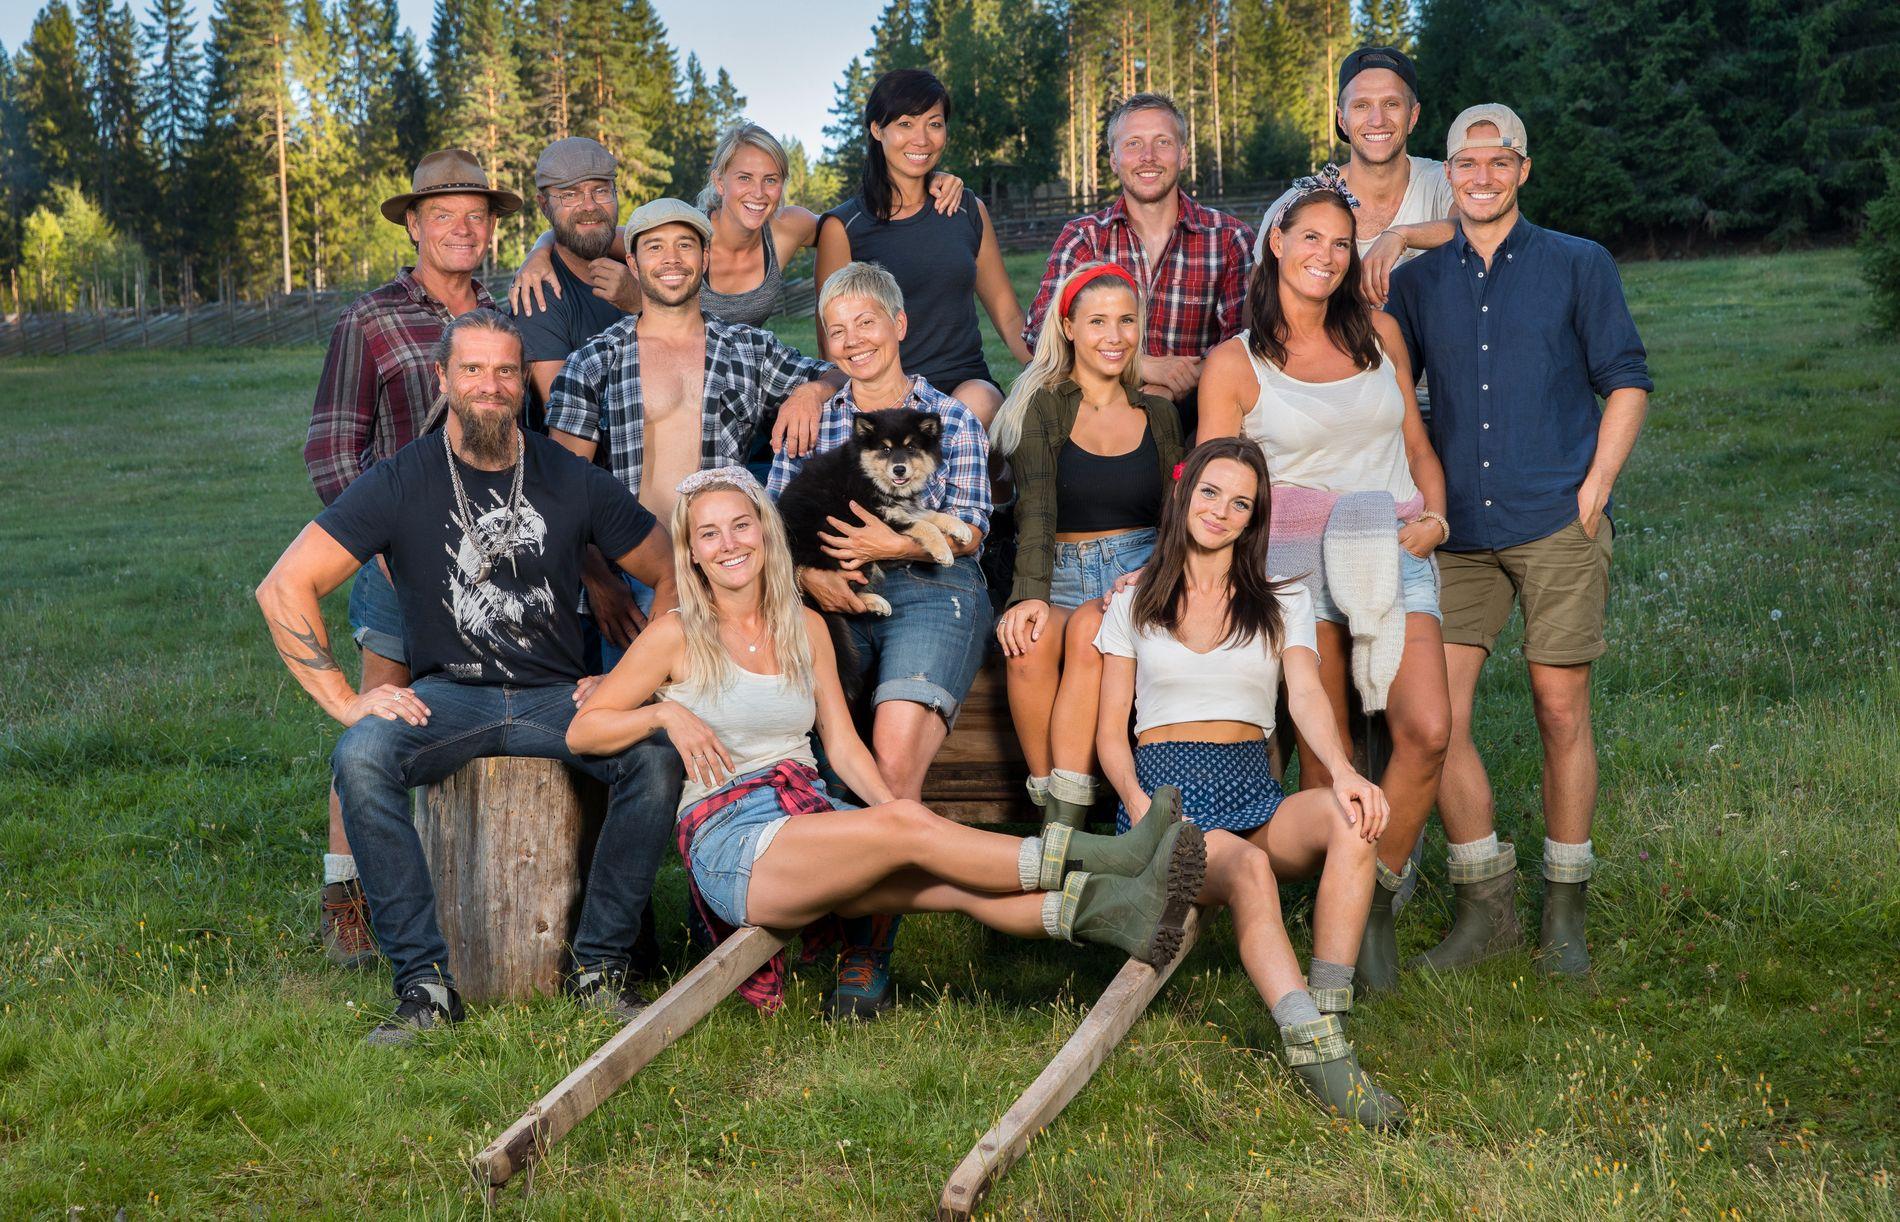 DRAMA I KULISSENE: En av finalistene i høstens «Farmen» mener at juks har avgjort finalen av realityprogrammet.